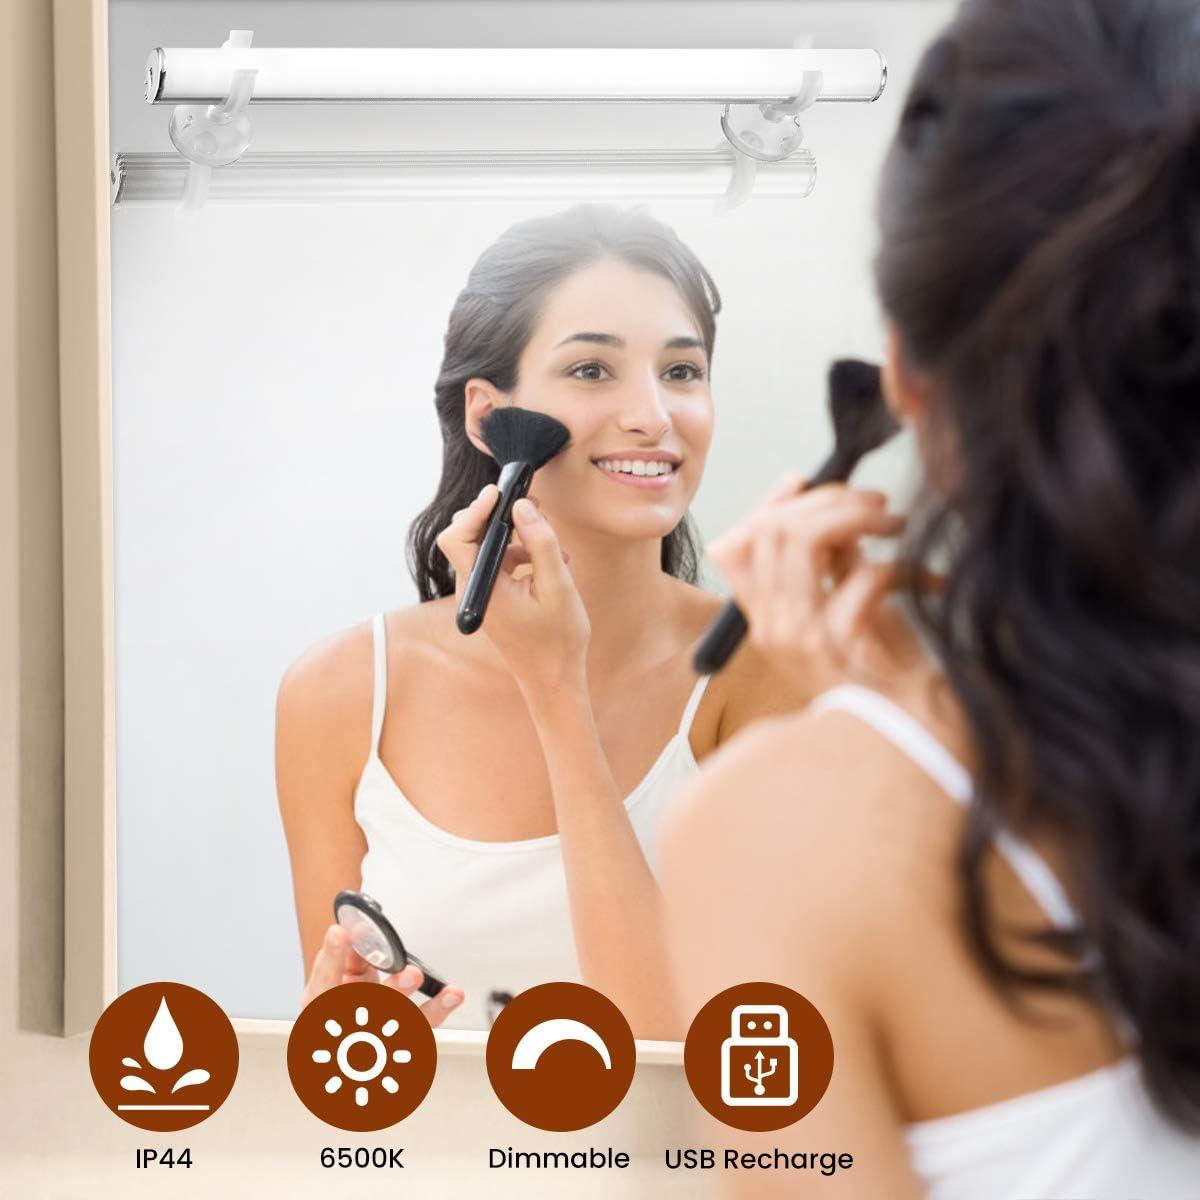 Elfeland Spiegelleuchte Spiegellampe Mirror Light Schminkleuchte Schminklicht 6500K 5W Dimmbar Badlampe Badleuchte Schrankleuchte f/ür Badezimmer Spiegel Schminktisch Beleuchtung USB wiederaufladbar